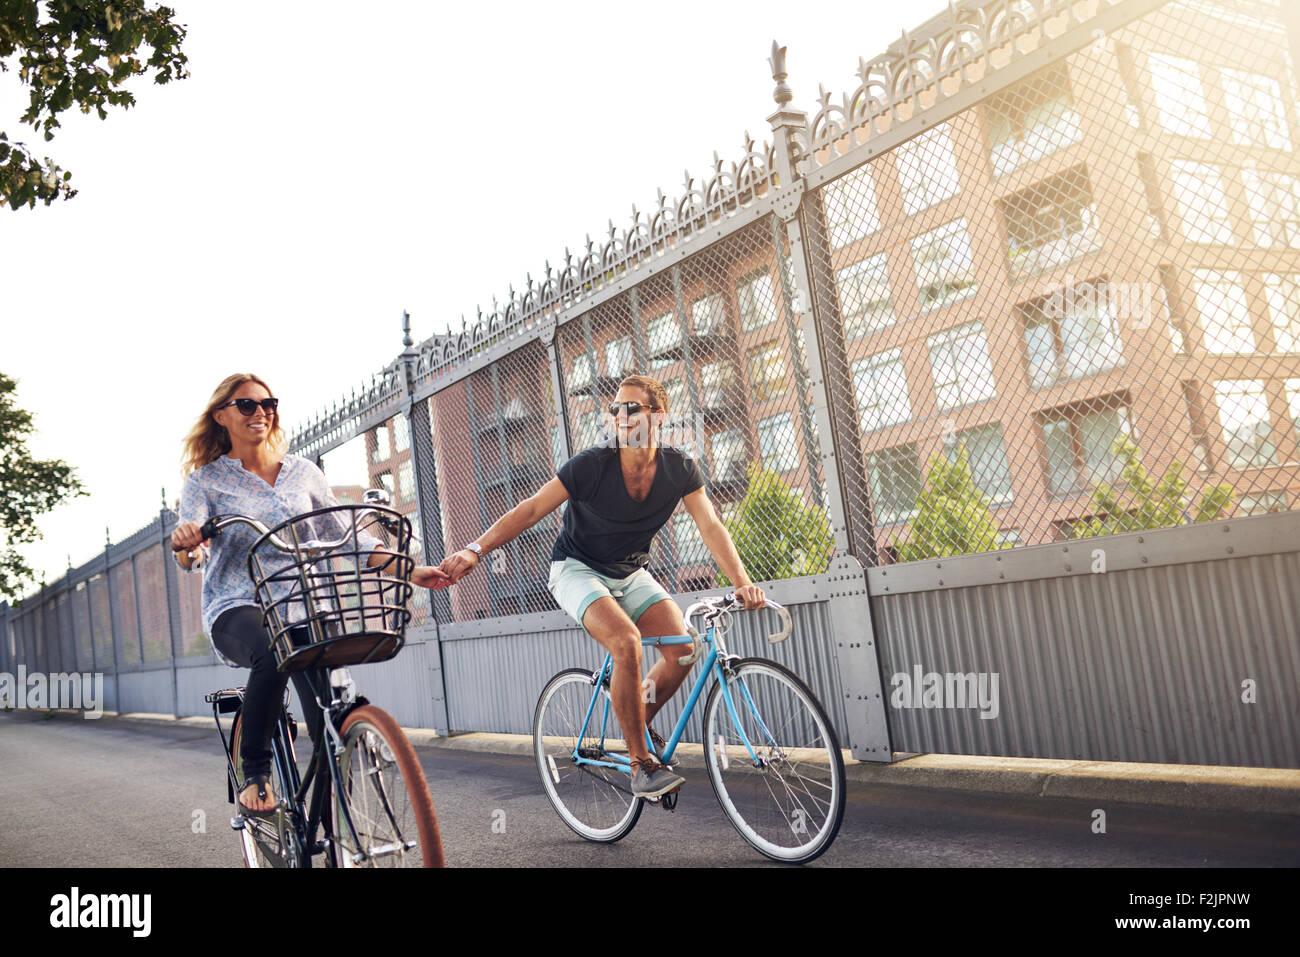 Coppia romantica tenendo le mani come andare in bicicletta La bicicletta giù per una strada urbana ultimi blocchi Immagini Stock